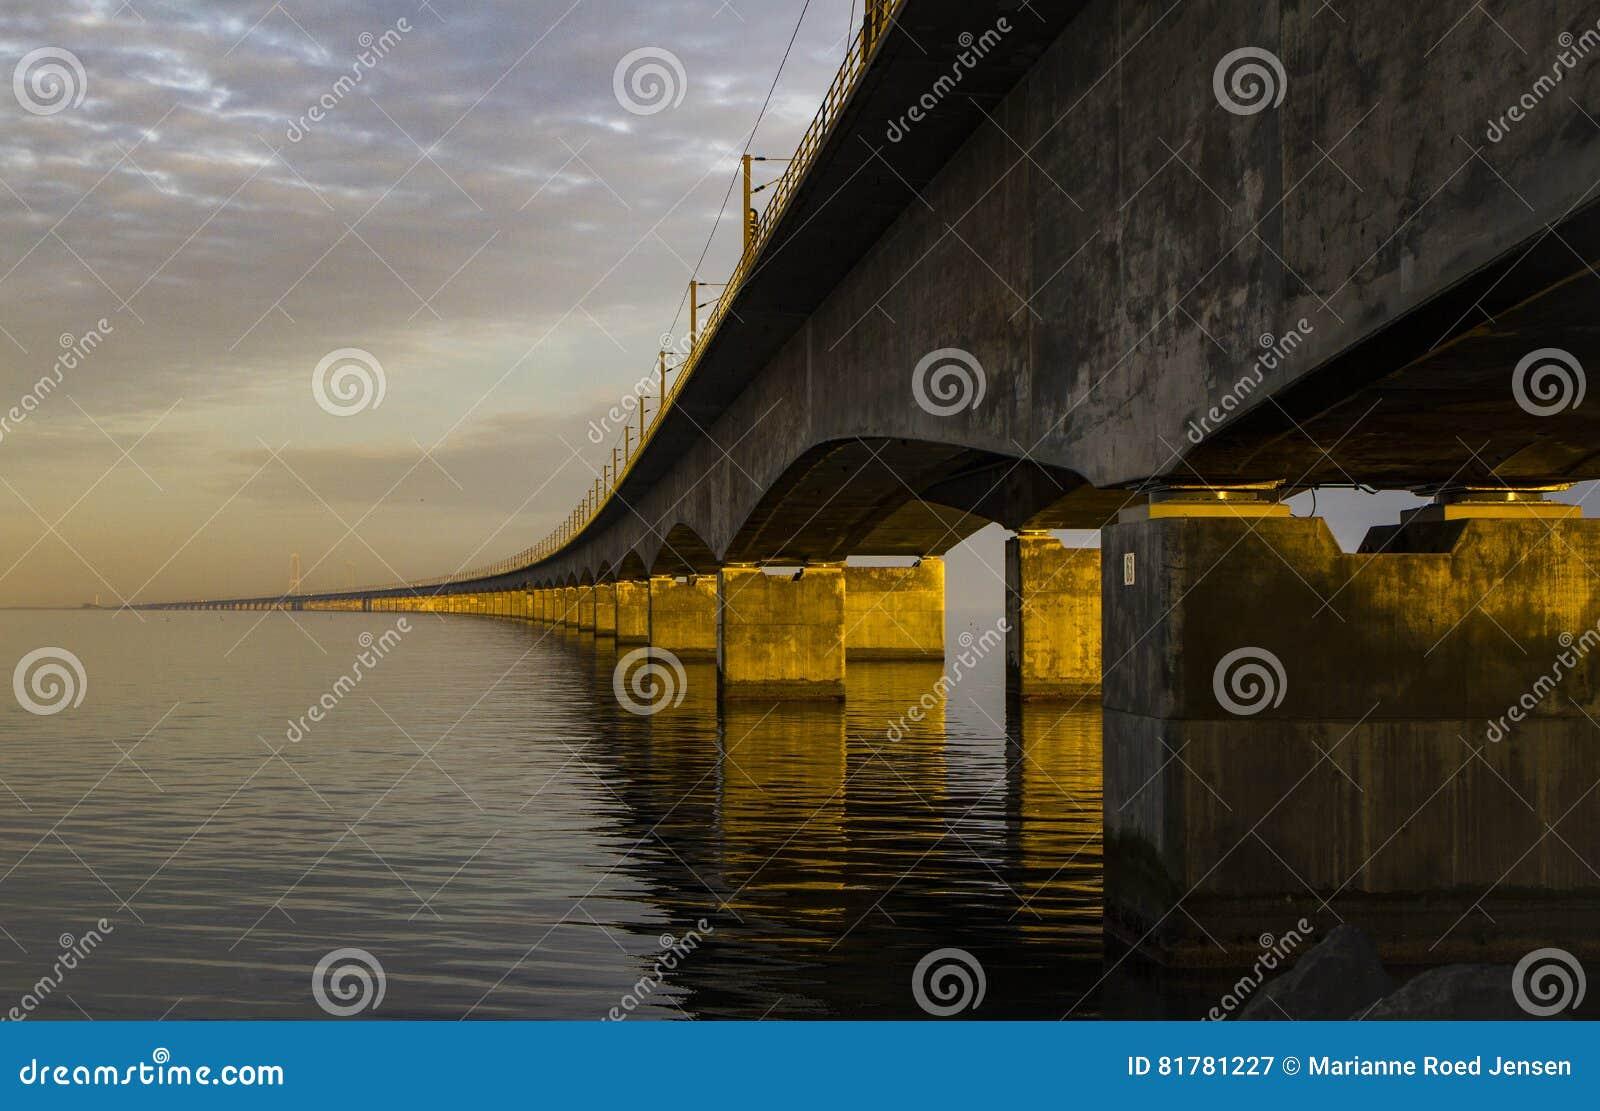 Η μεγάλη γέφυρα ζωνών